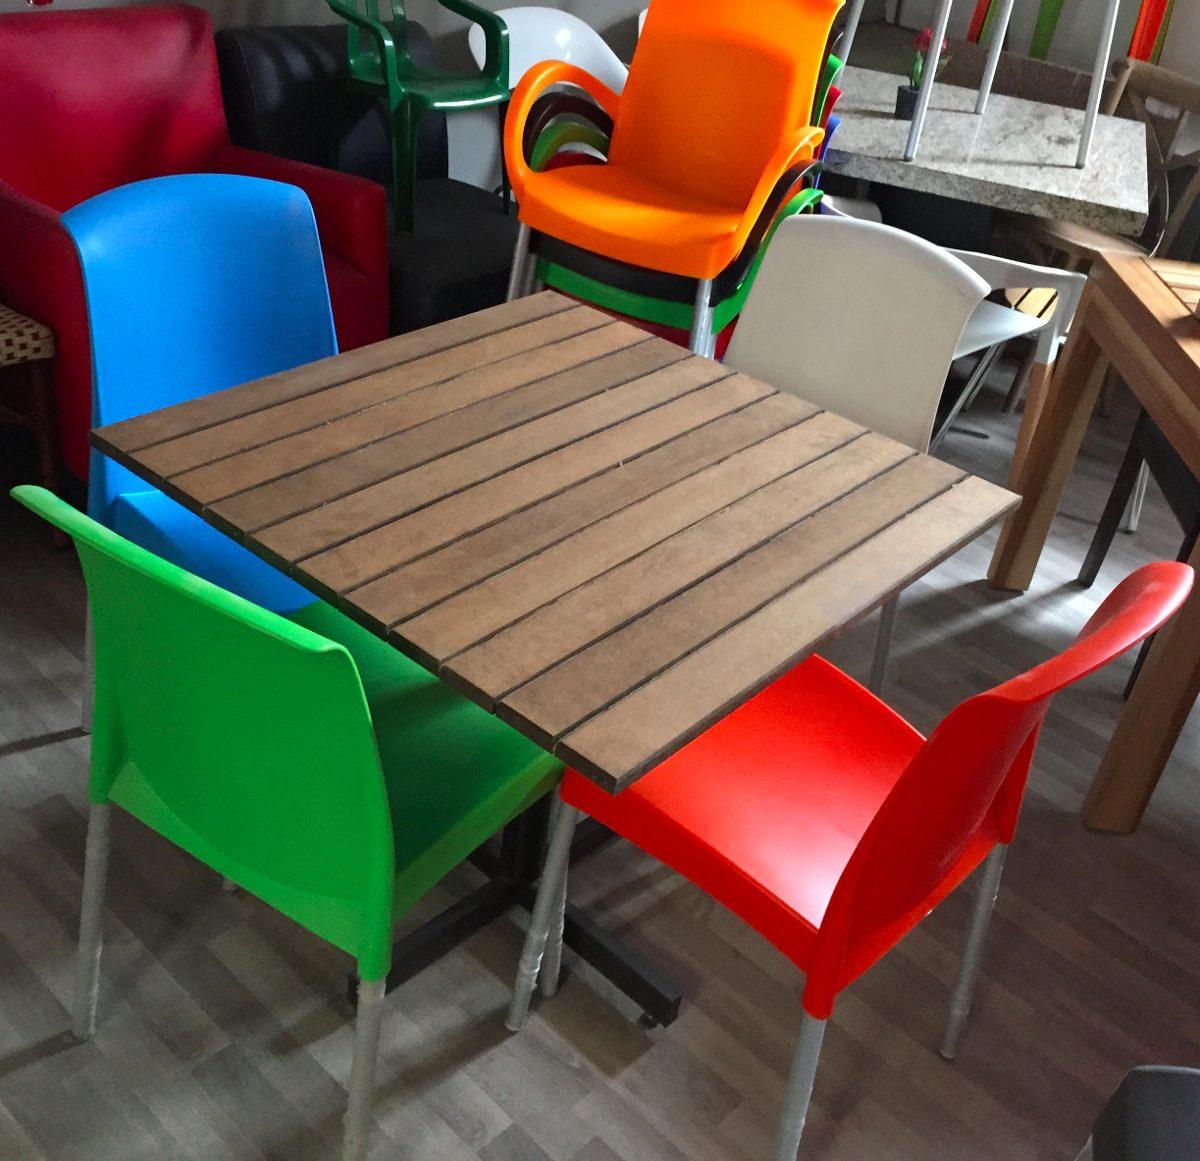 Promoci n de mesas cons sillas para restaurant o cafeteria 2 en mercado libre - Sillas para cafeteria ...